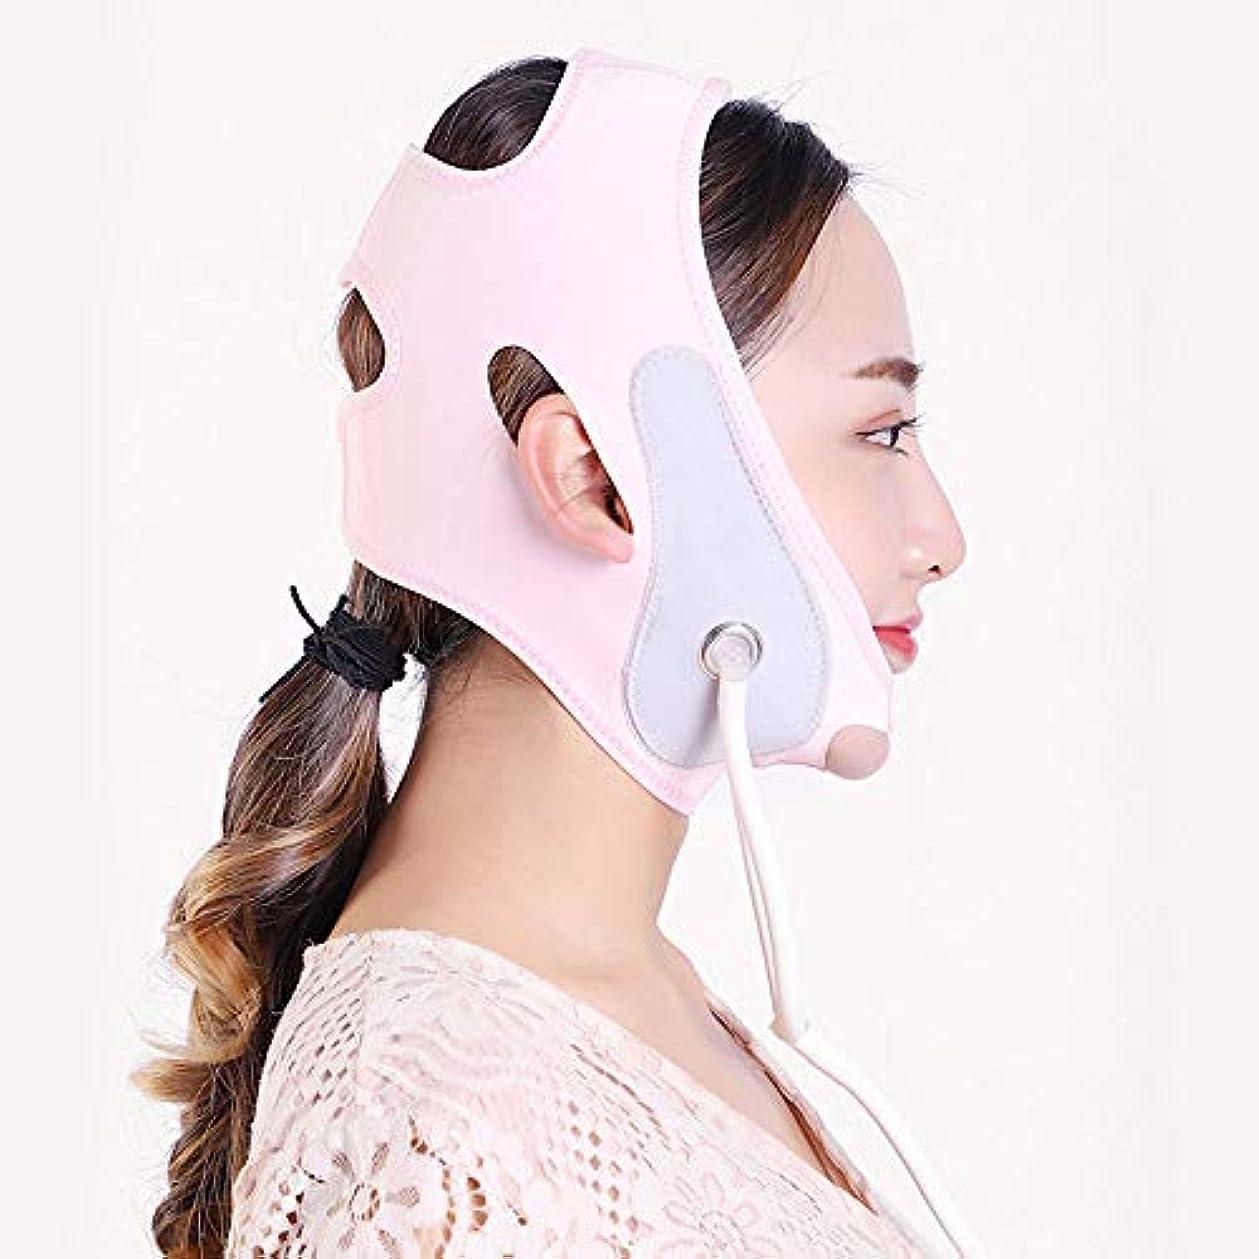 風社説出くわす膨脹可能なVのマスク、持ち上がる咬筋の筋肉収縮のあごの睡眠ベルト/膨脹可能なベルト/包帯を持ち上げる